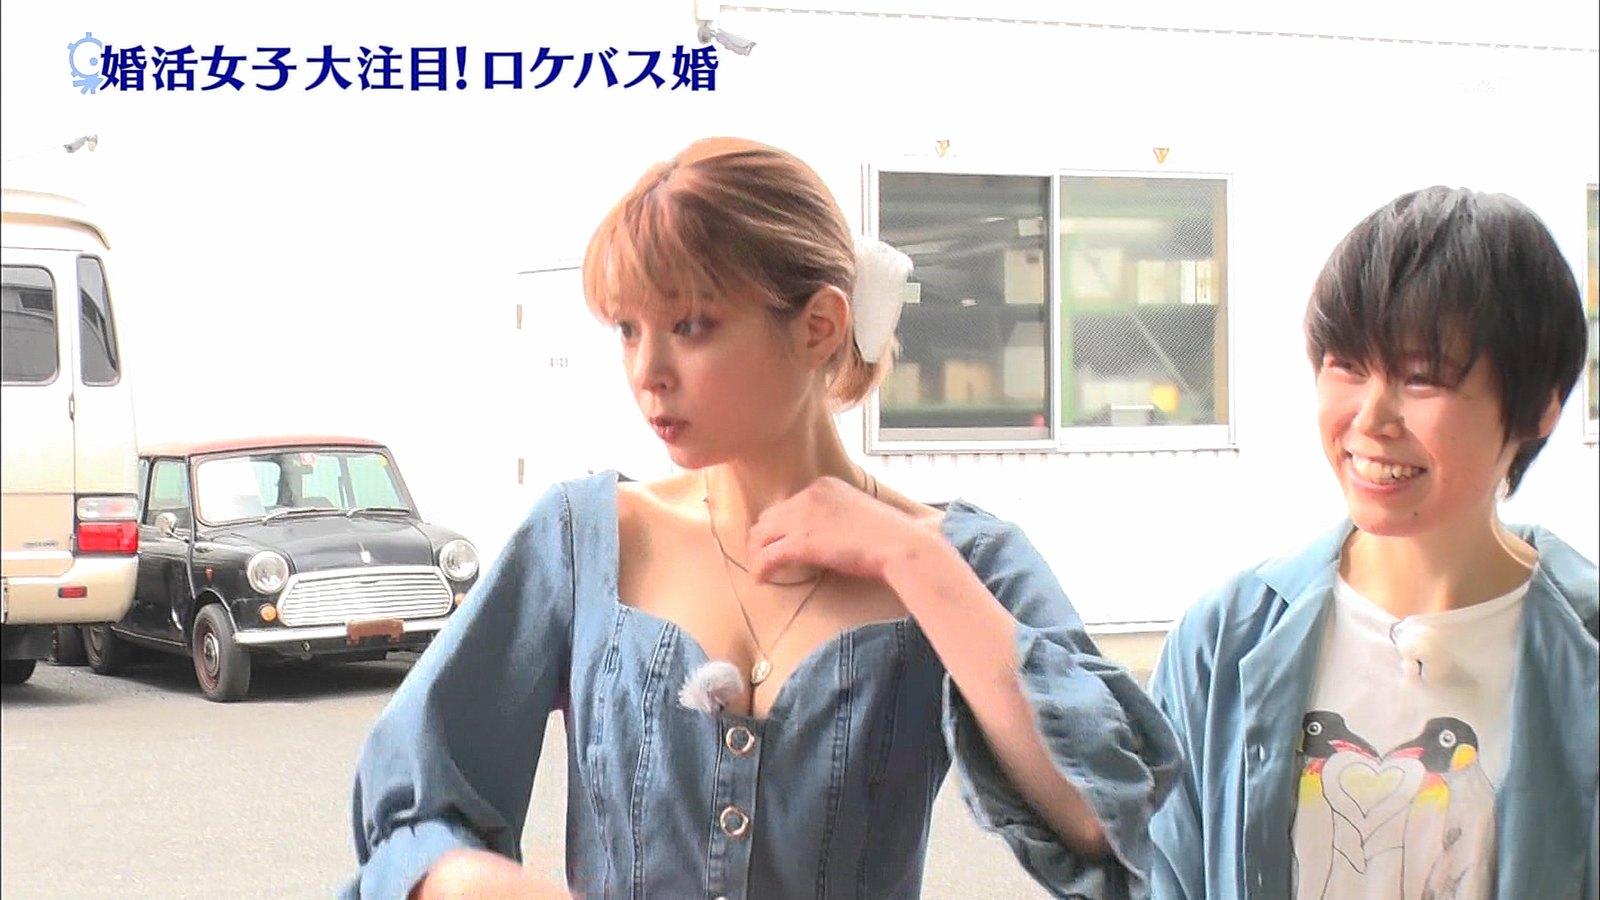 瑛茉ジャスミン_胸チラ_谷間_おっぱい_タモリ倶楽部_03